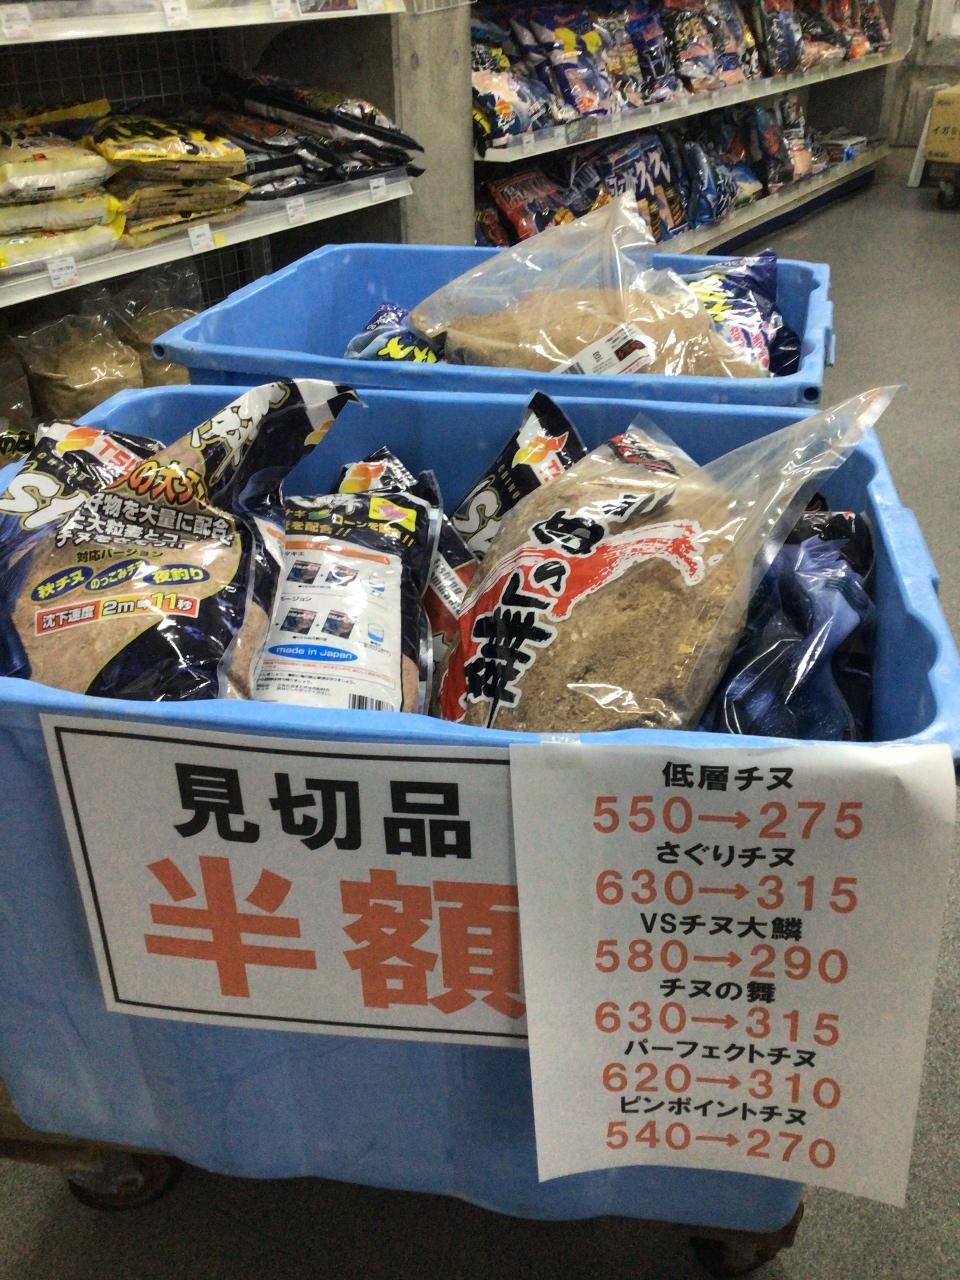 みなべ店、チヌ系集魚材の処分品、お買い得です